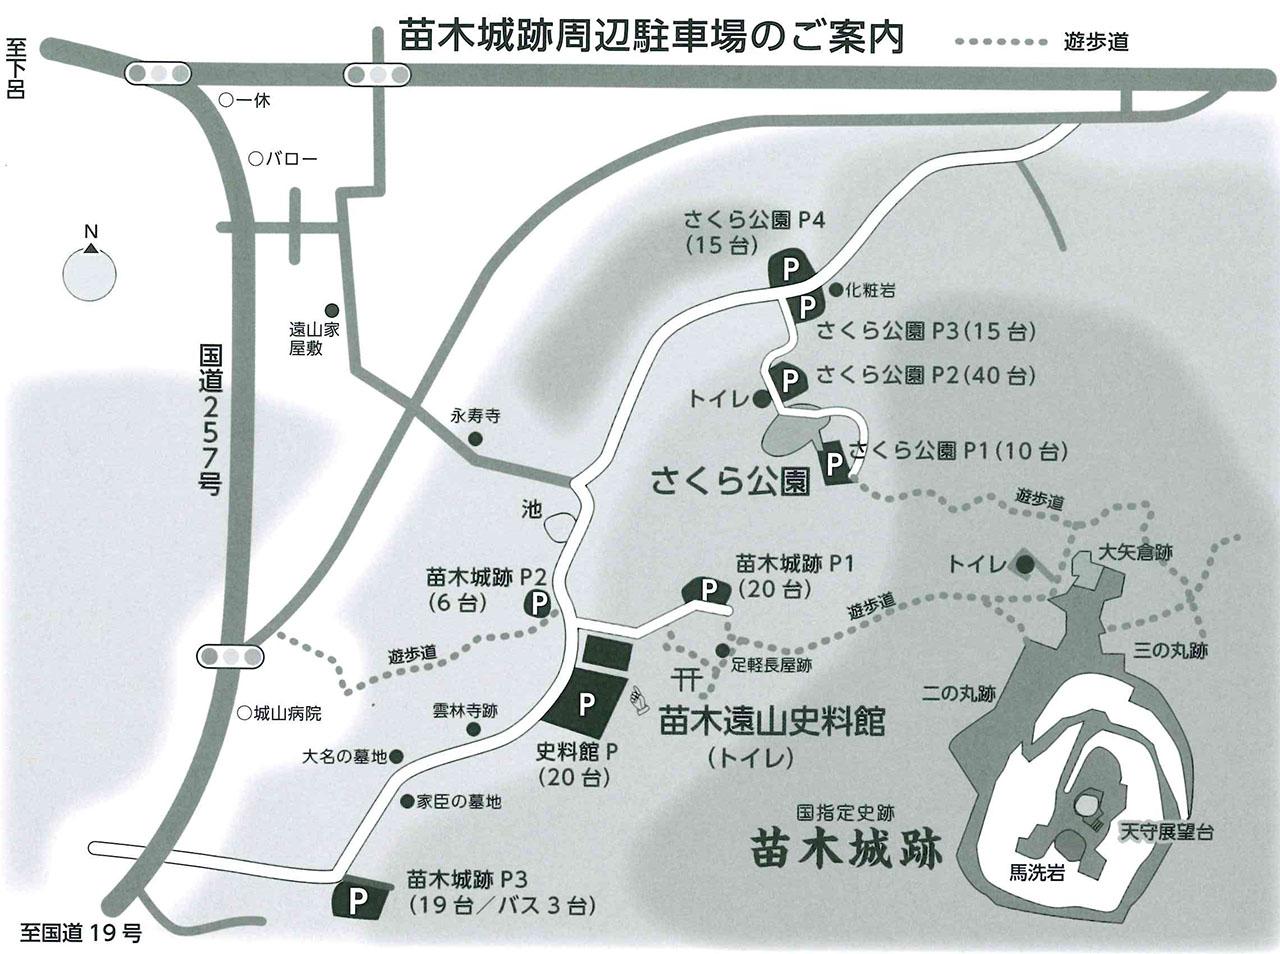 苗木城の周辺駐車場マップ